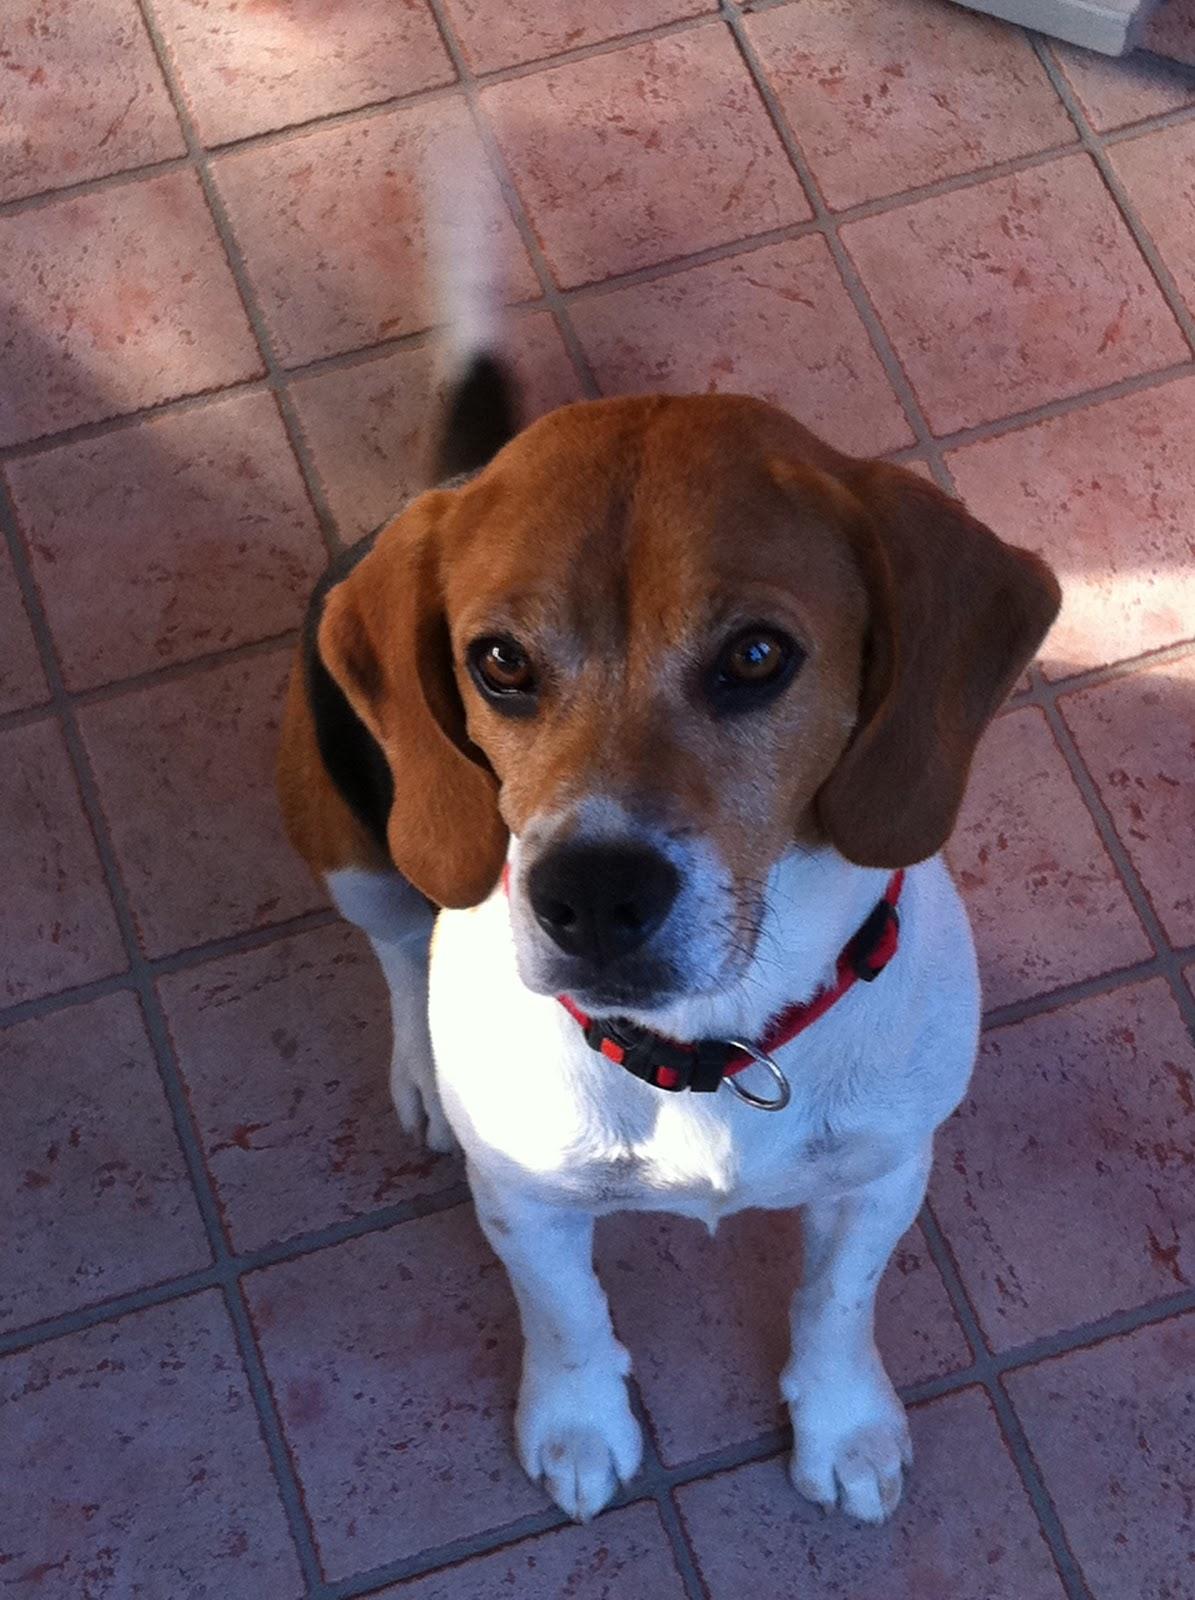 Gli amici di olmo pongo beagle di 6 anni cerca una nuova for In cerca di una nuova casa